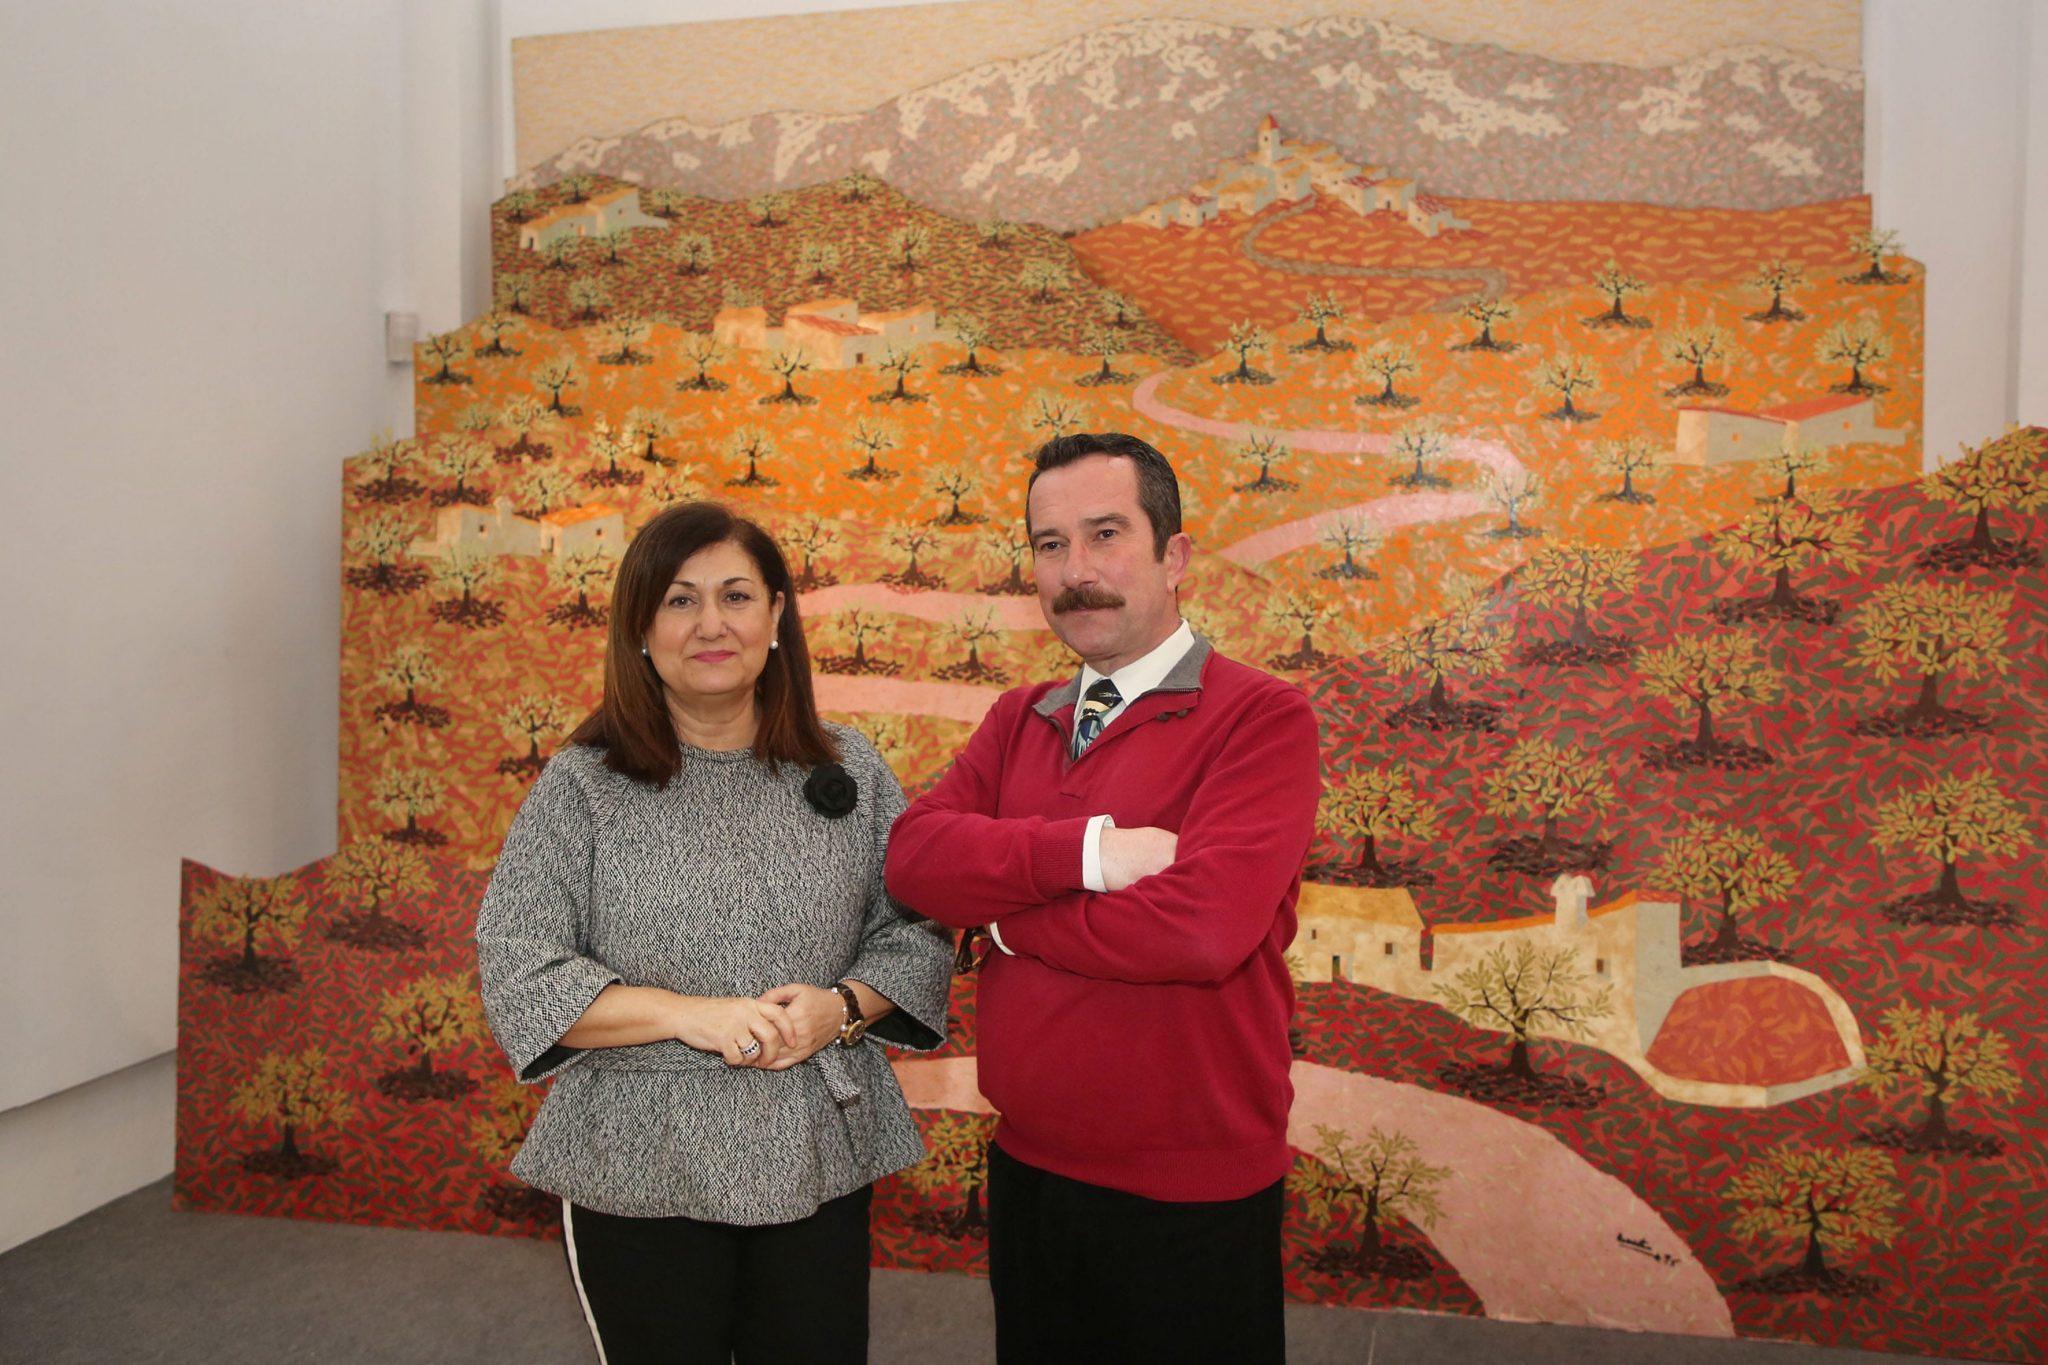 Hoy comienza la programación anual del Museo del Grabado Español Contemporáneo